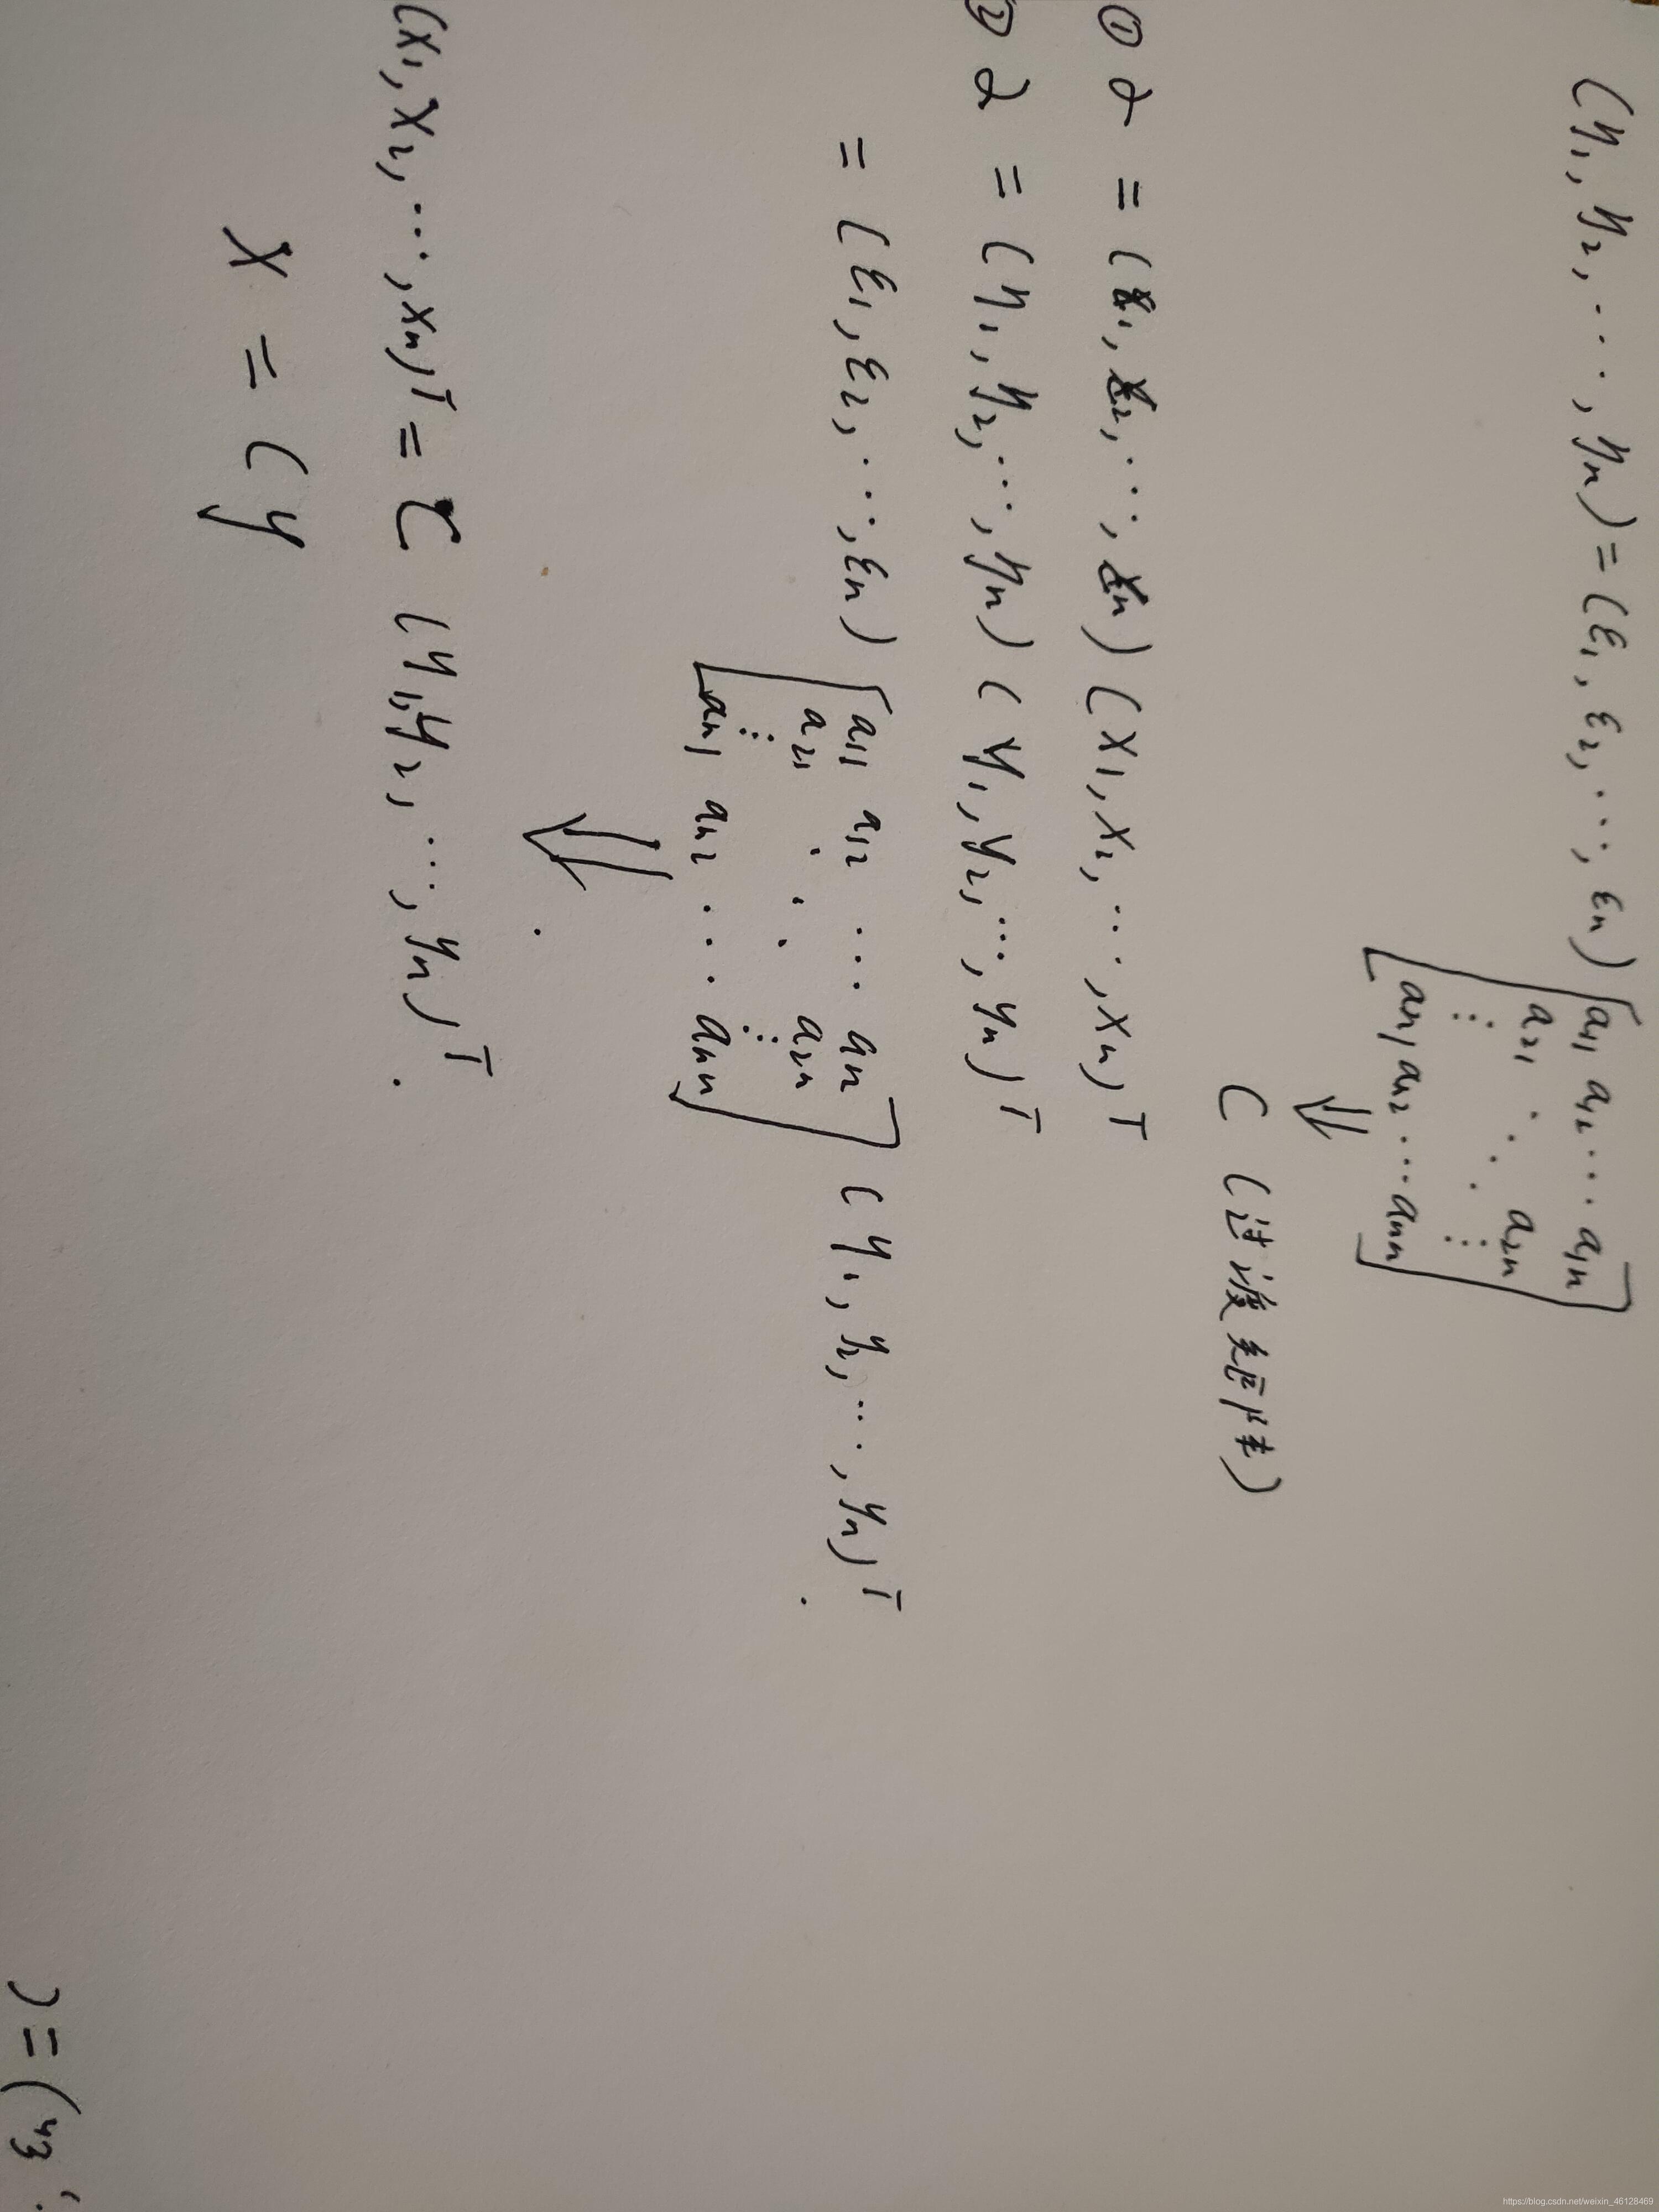 坐标变换 过渡矩阵与基变换